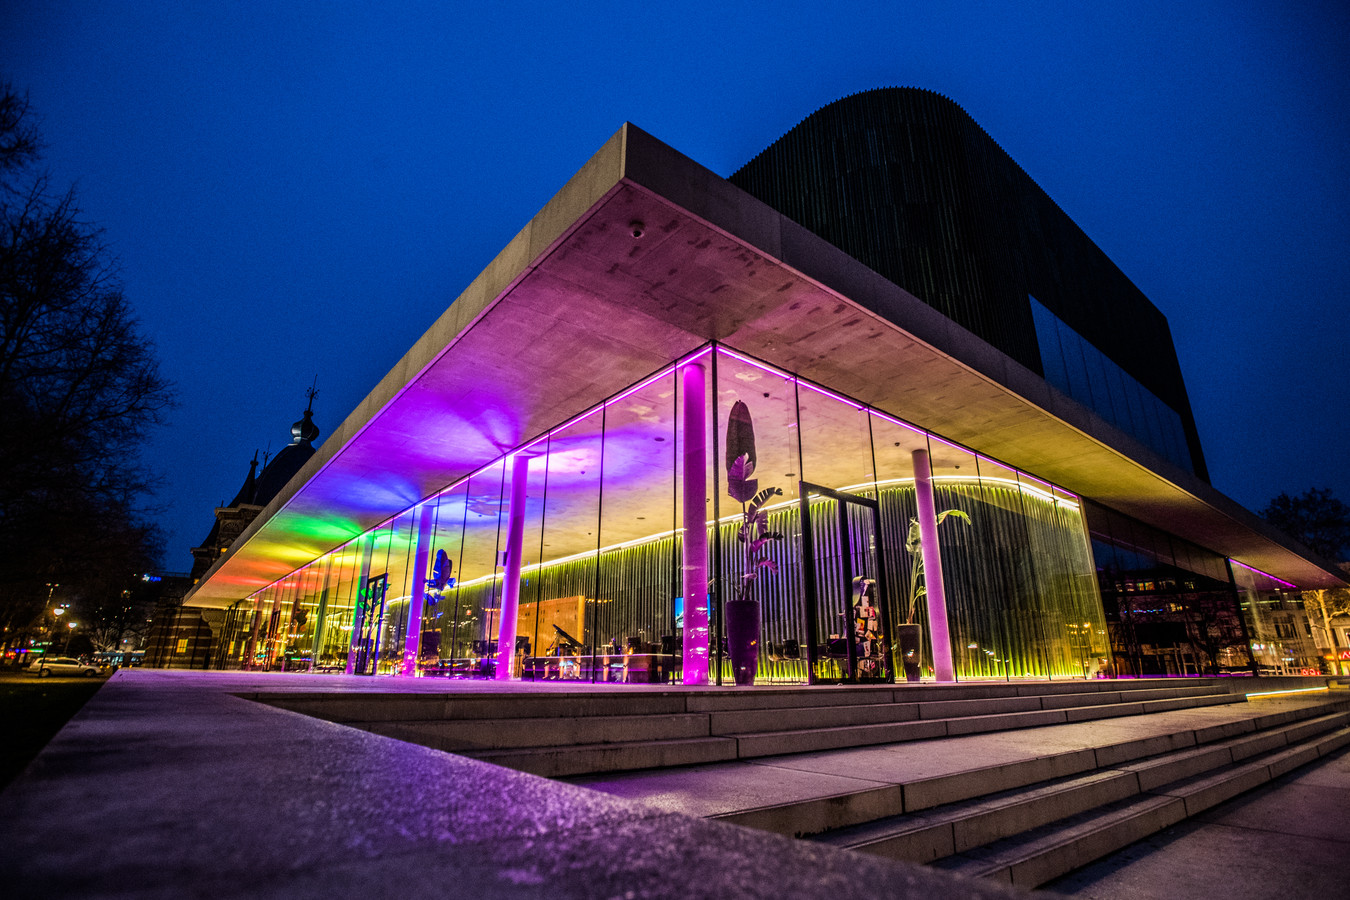 De Parkzaal van concertgebouw Musis in Arnhem is dezer dagen gehuld in regenboogkleuren.